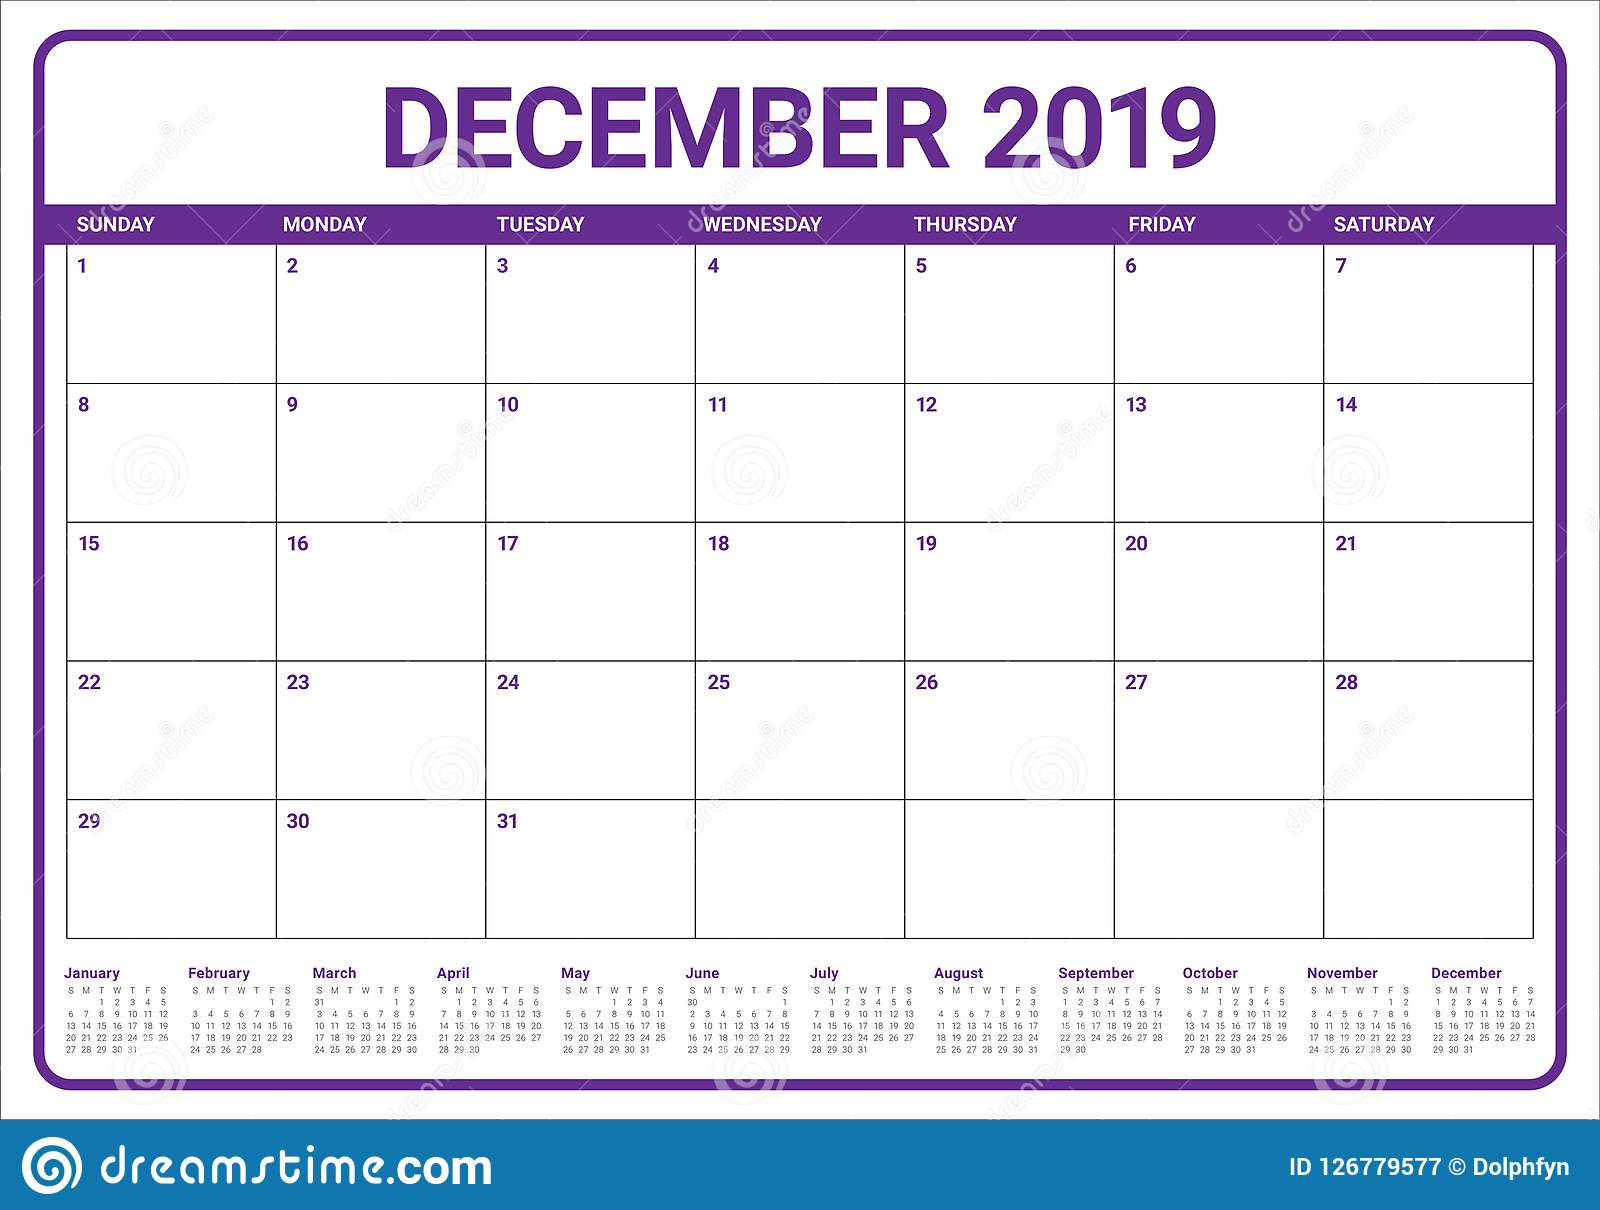 Calendario Mese Dicembre 2019.Dicembre 2019 Illustrazione Di Vettore Del Calendario Da